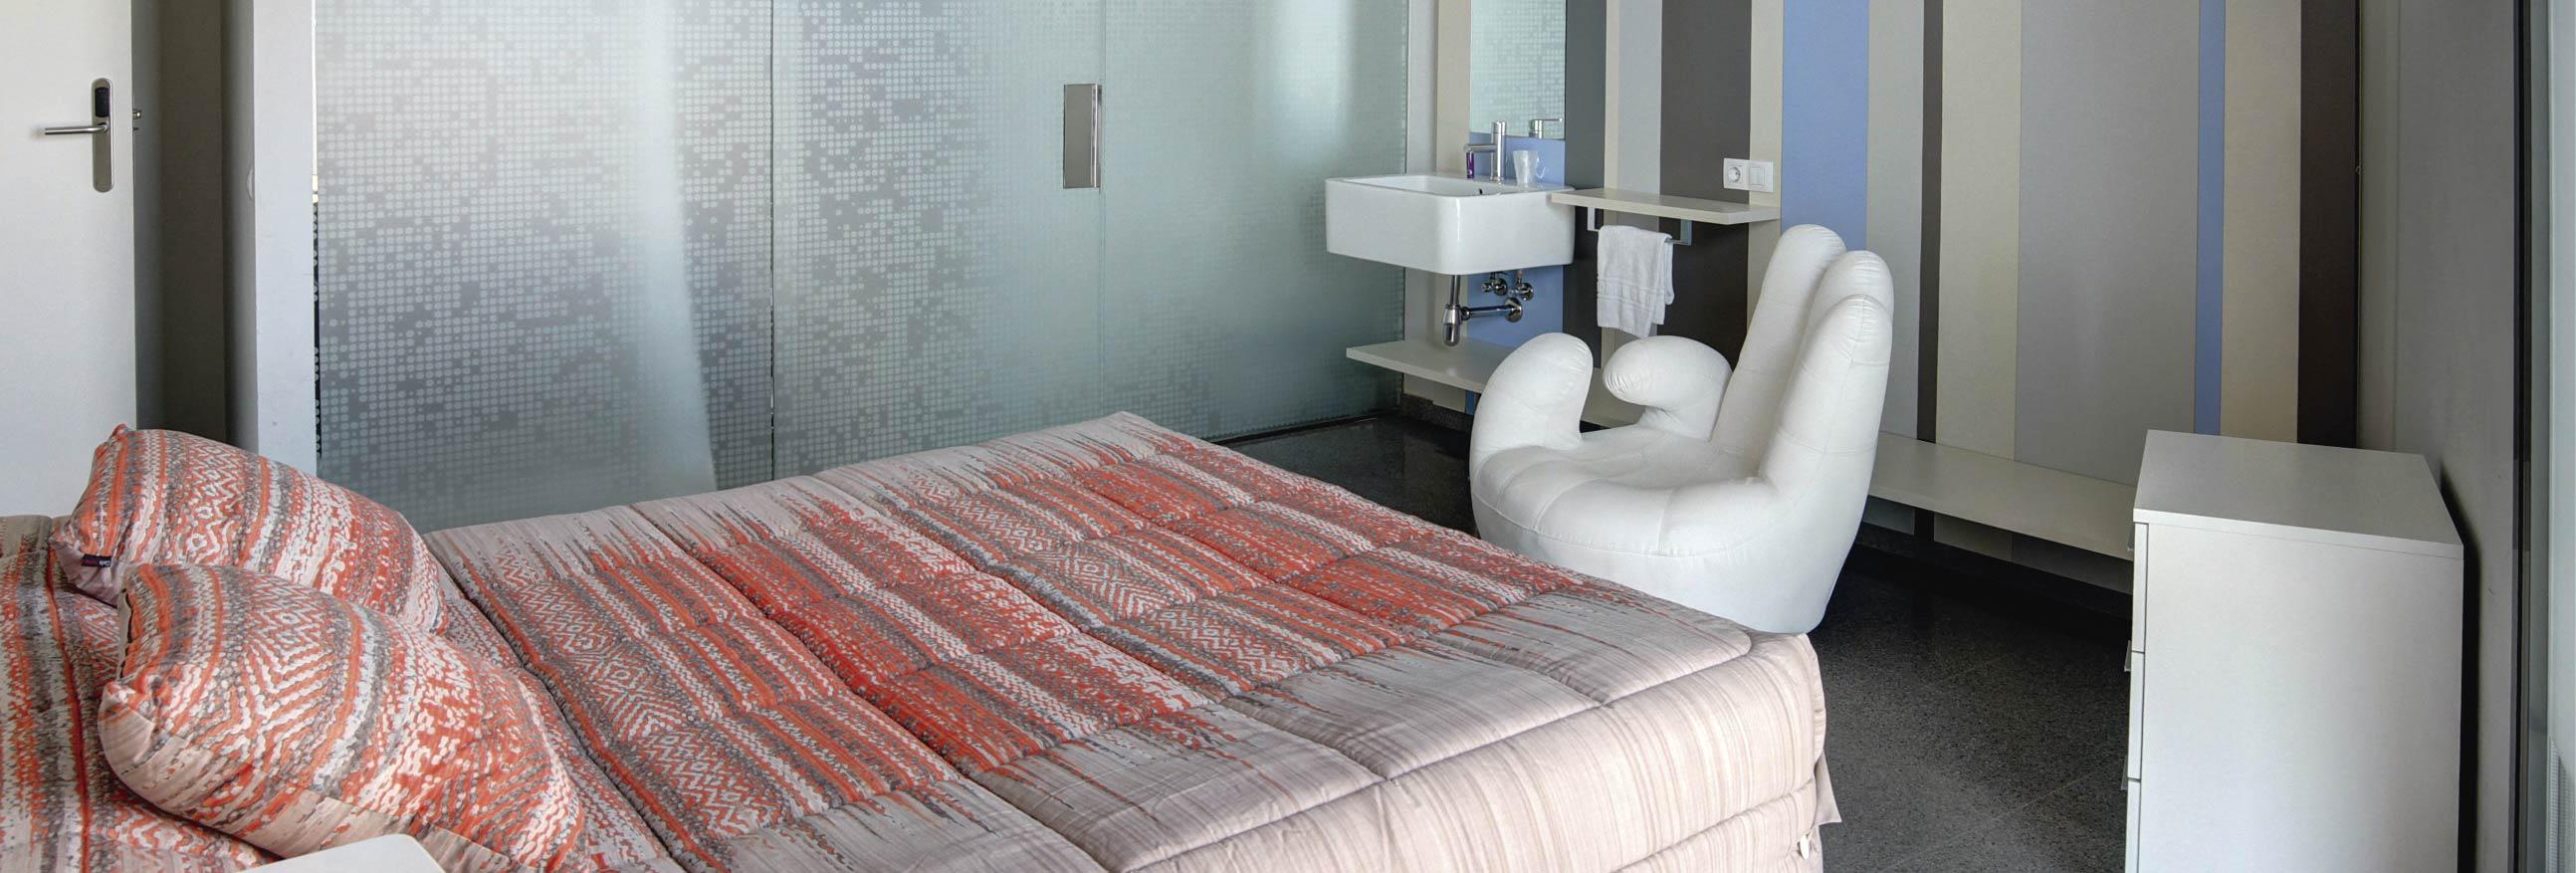 hostal la creu mora ebre tarragona habitacions 2-01